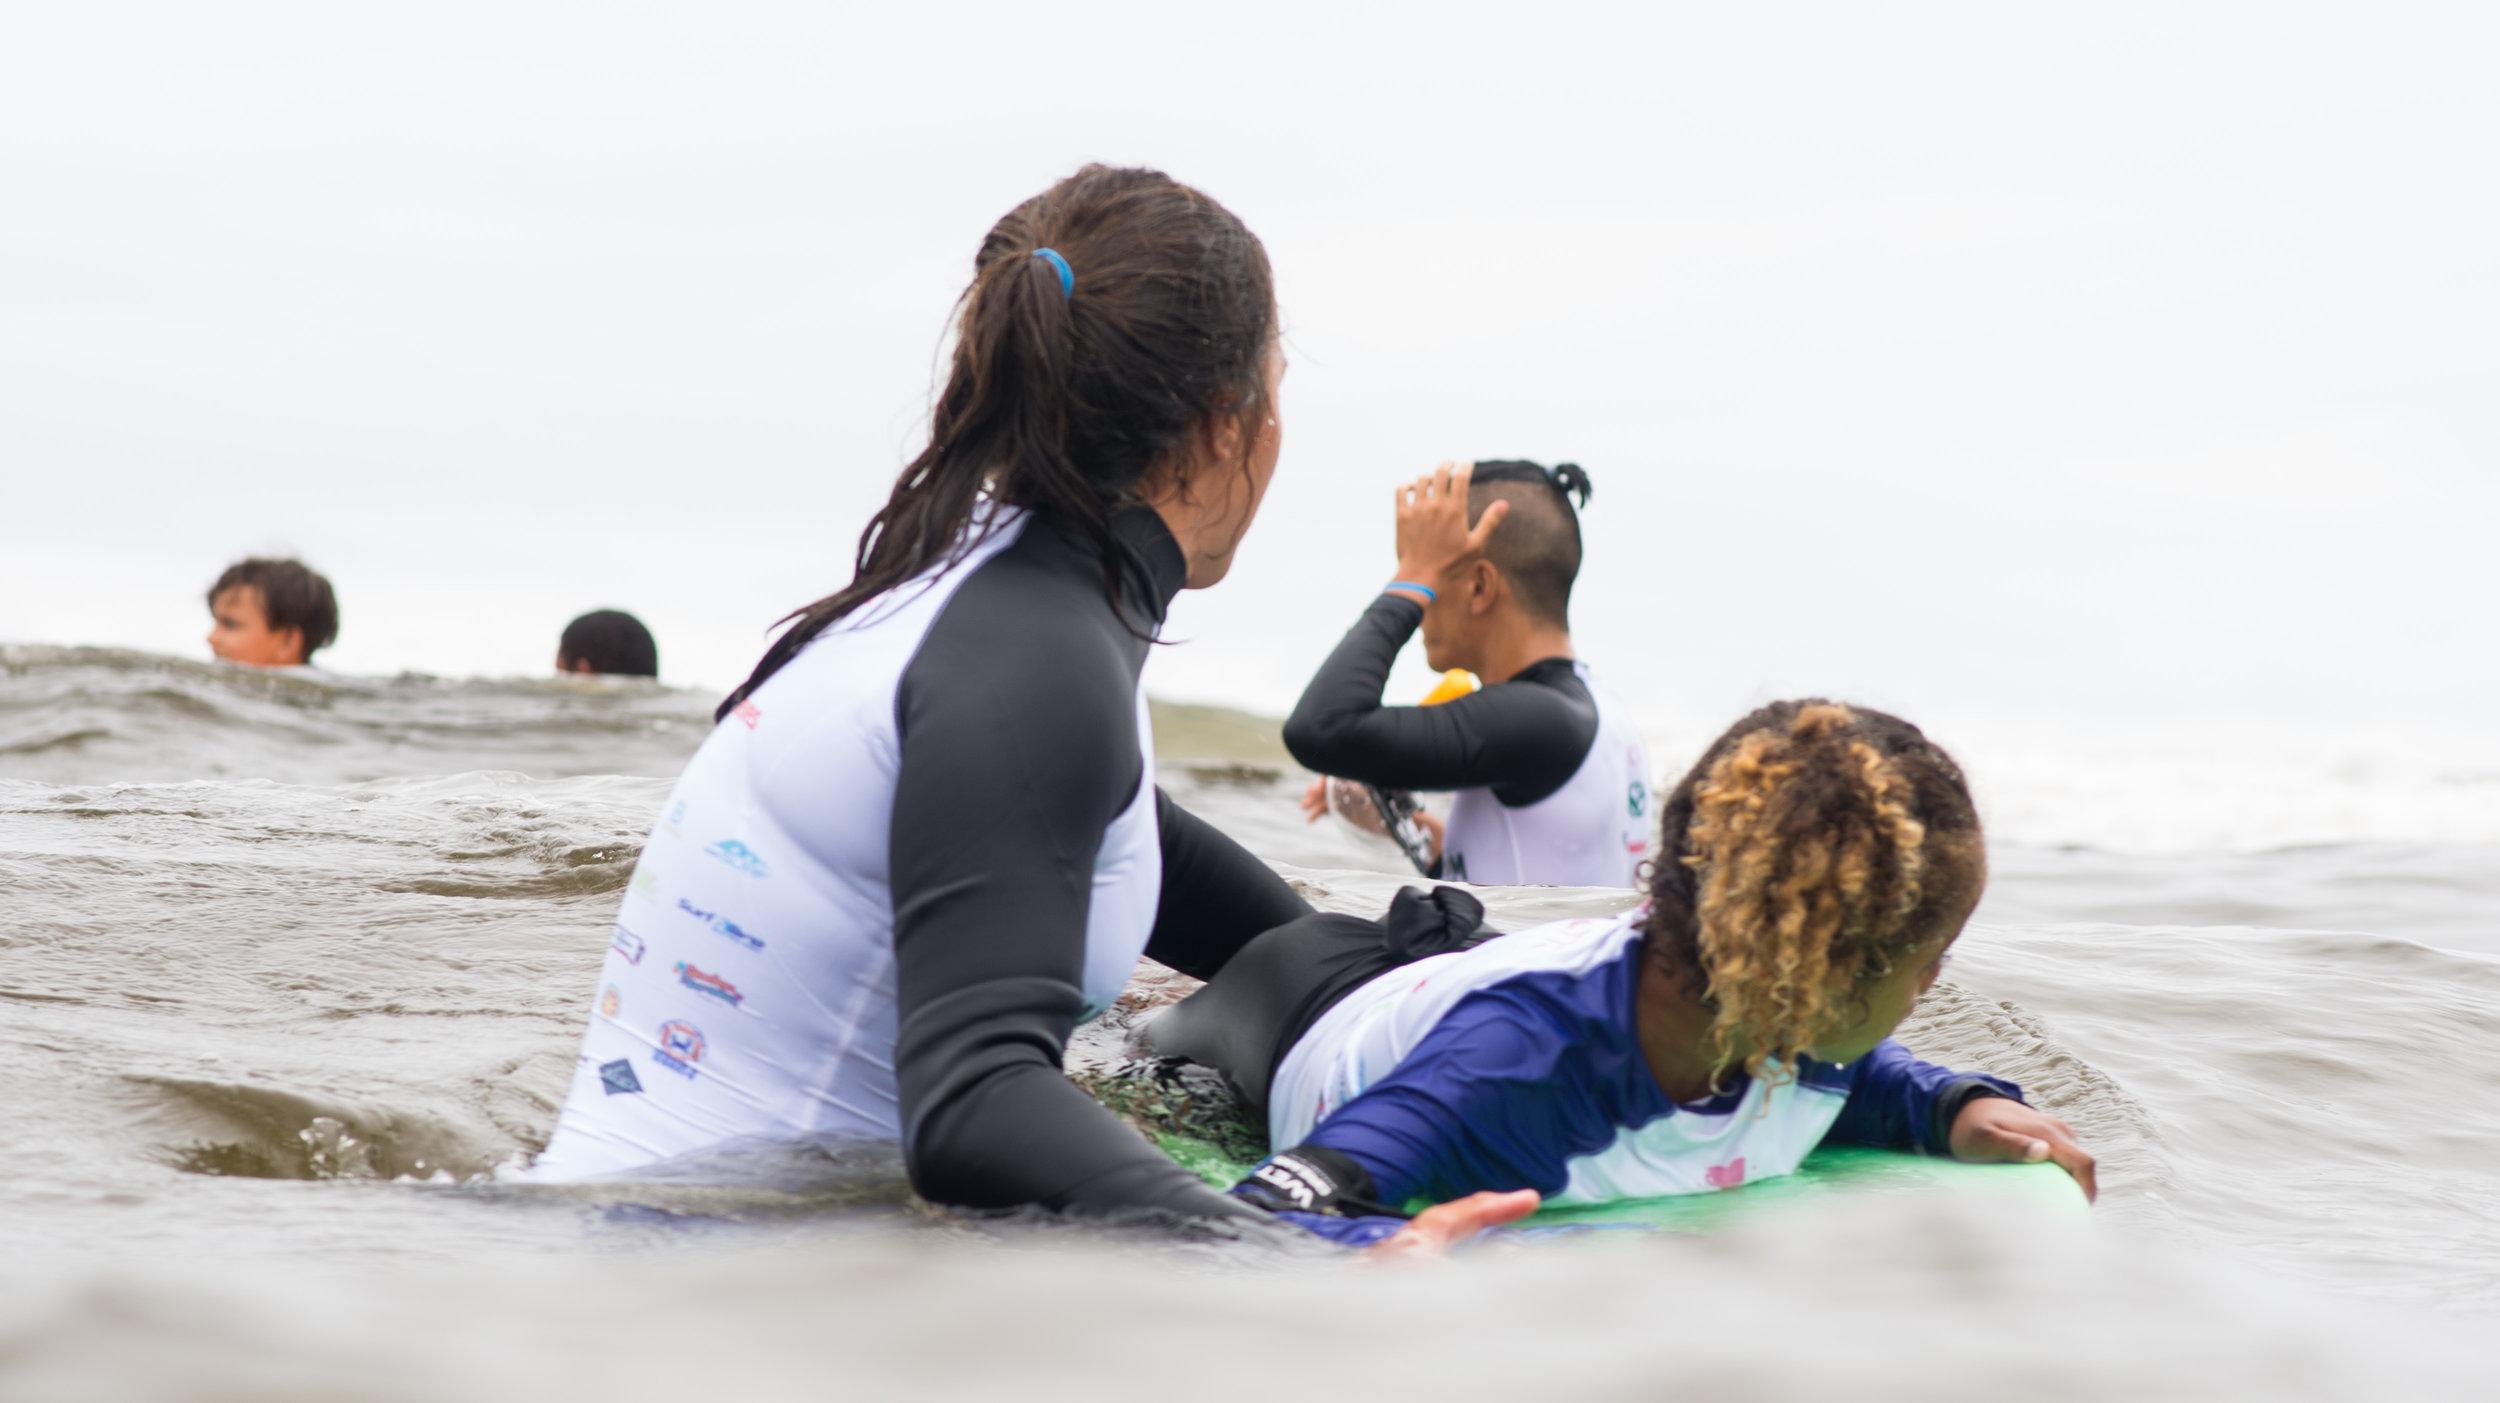 guardias do mar descoberta de talento surf